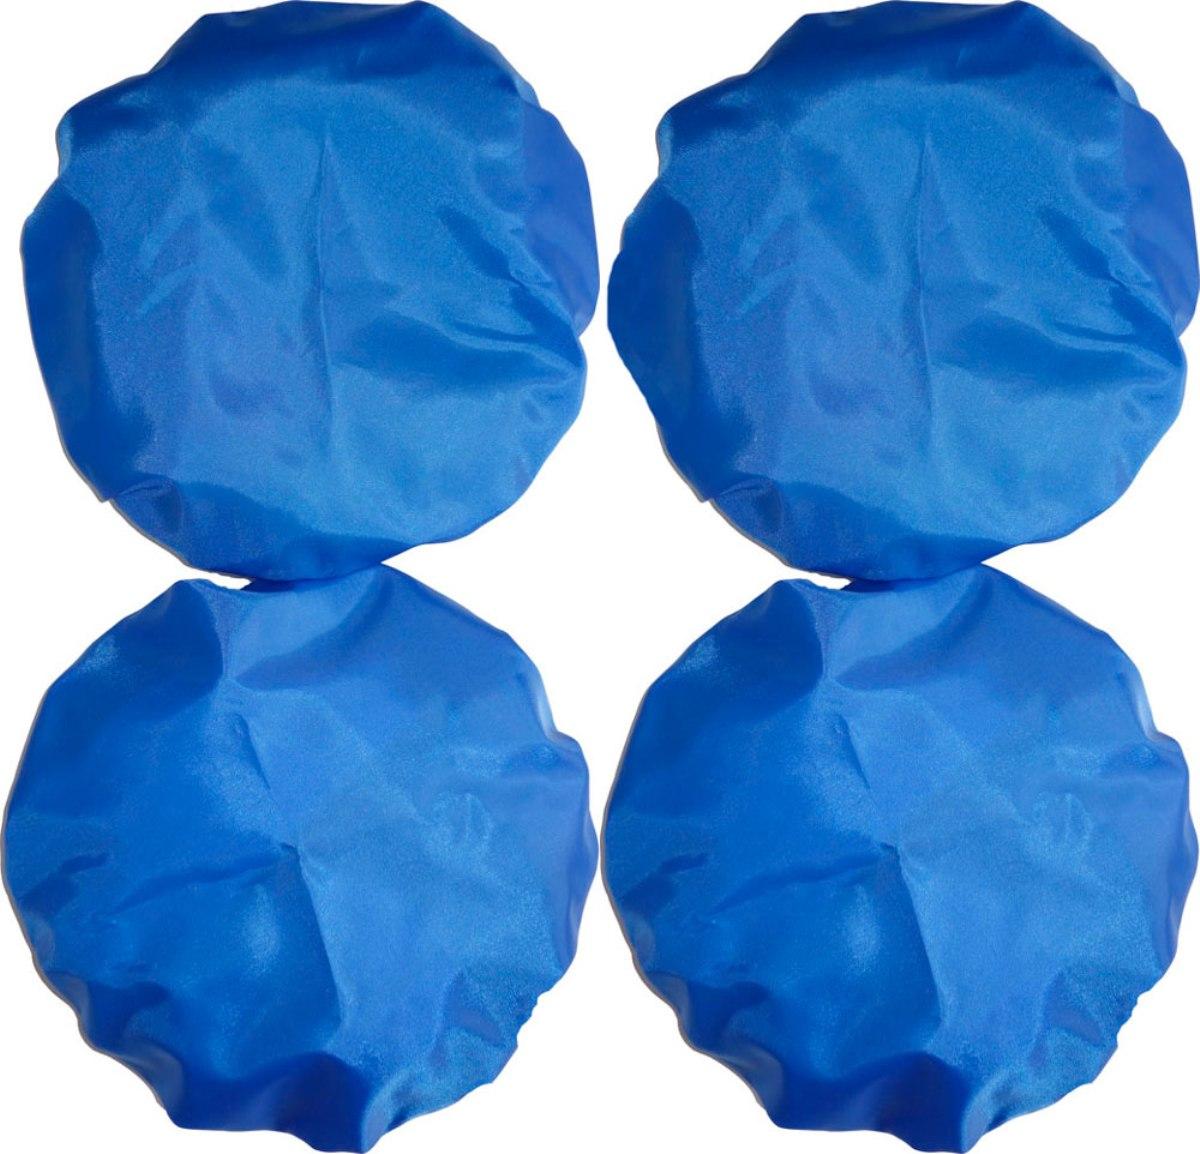 Чудо-Чадо Чехлы на колеса для коляски диаметр 18-28 см цвет синий 4 шт -  Аксессуары для колясок